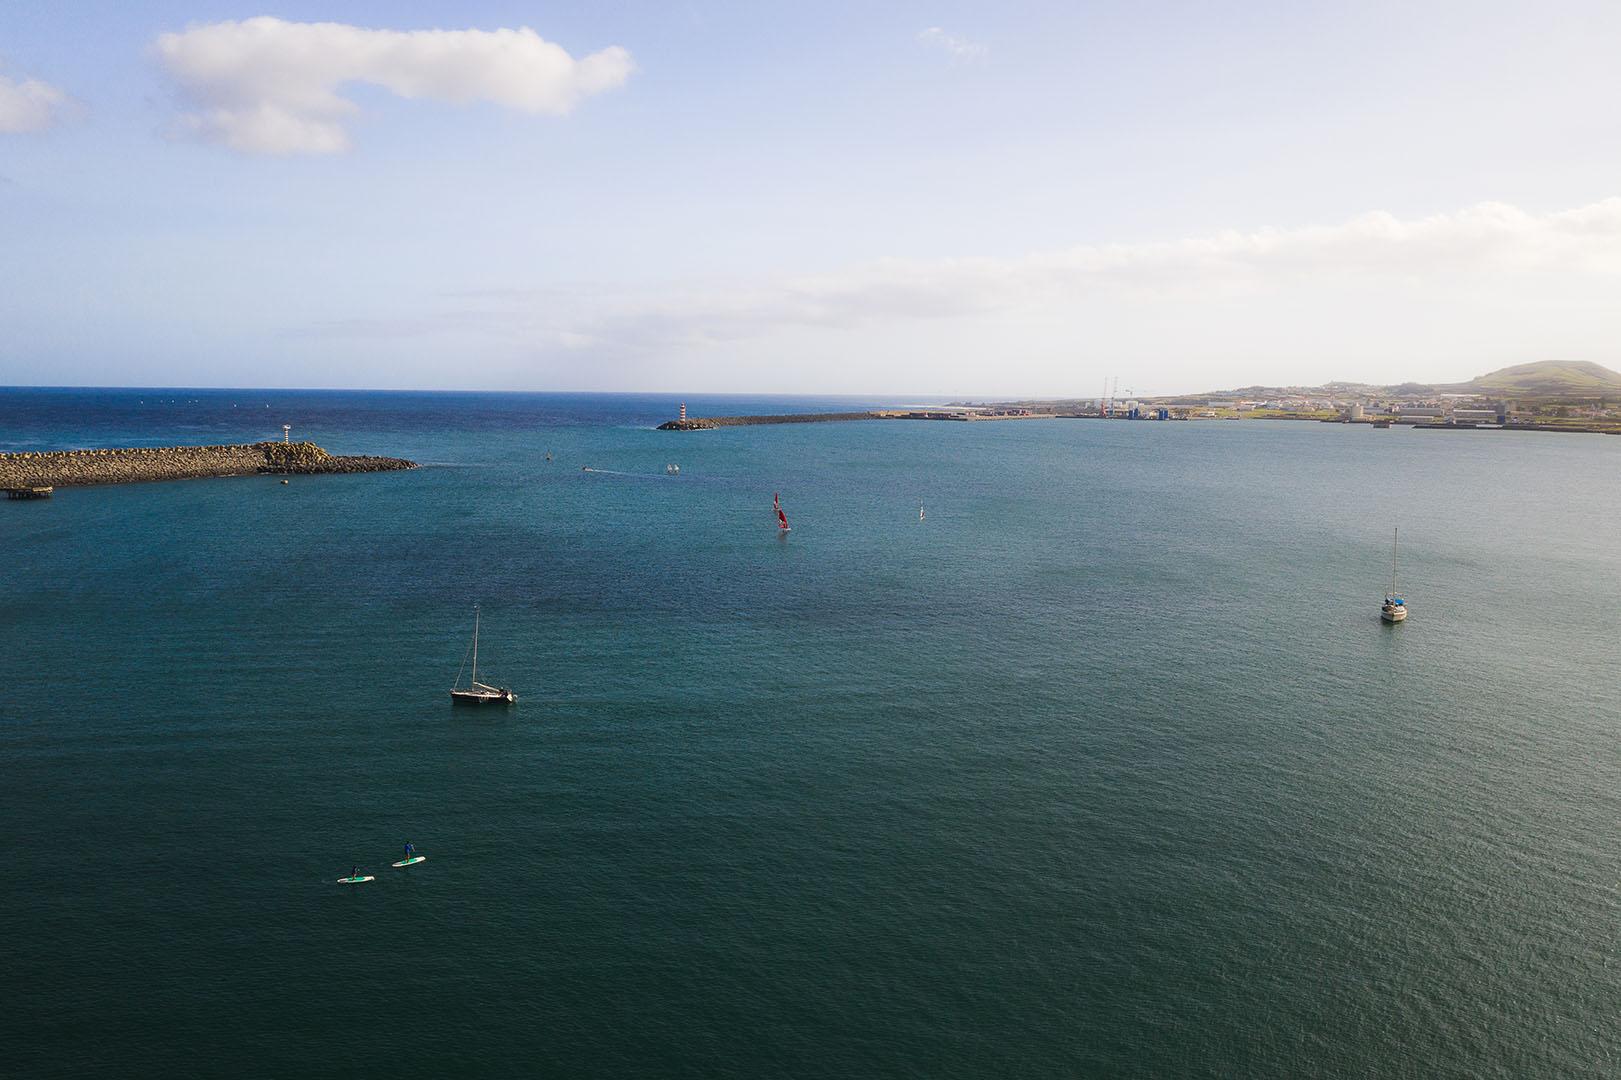 oceano_barcos_vela_paddle